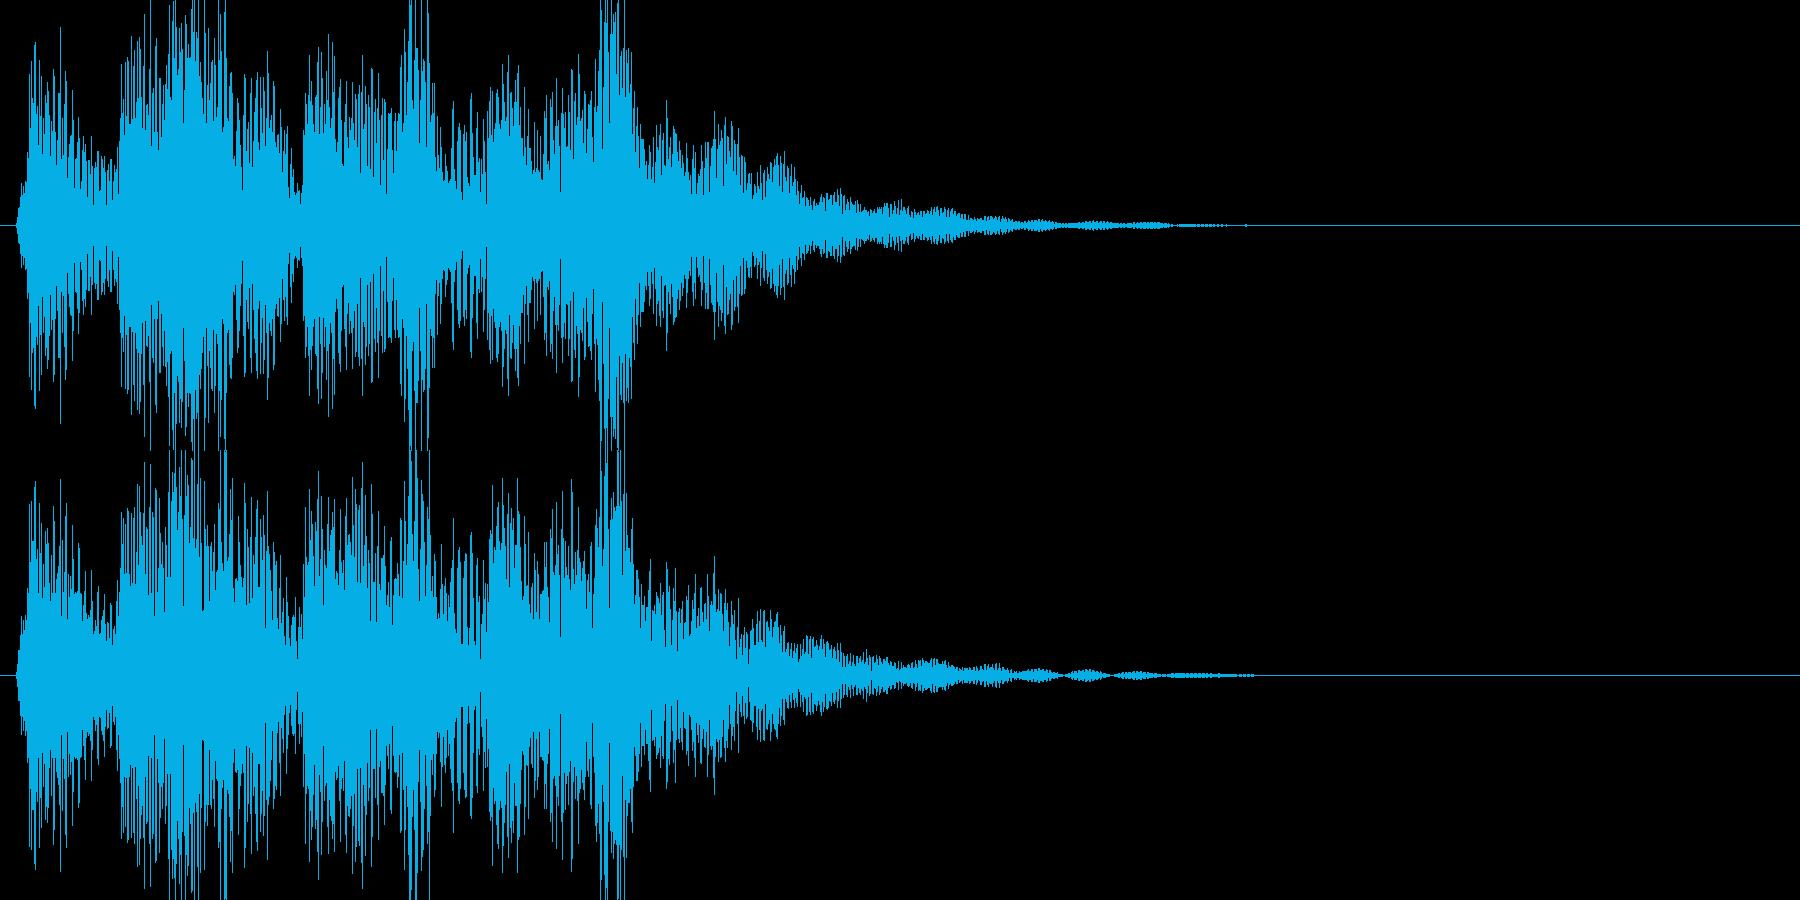 場面転換に 三味線が印象的なサウンドロゴの再生済みの波形